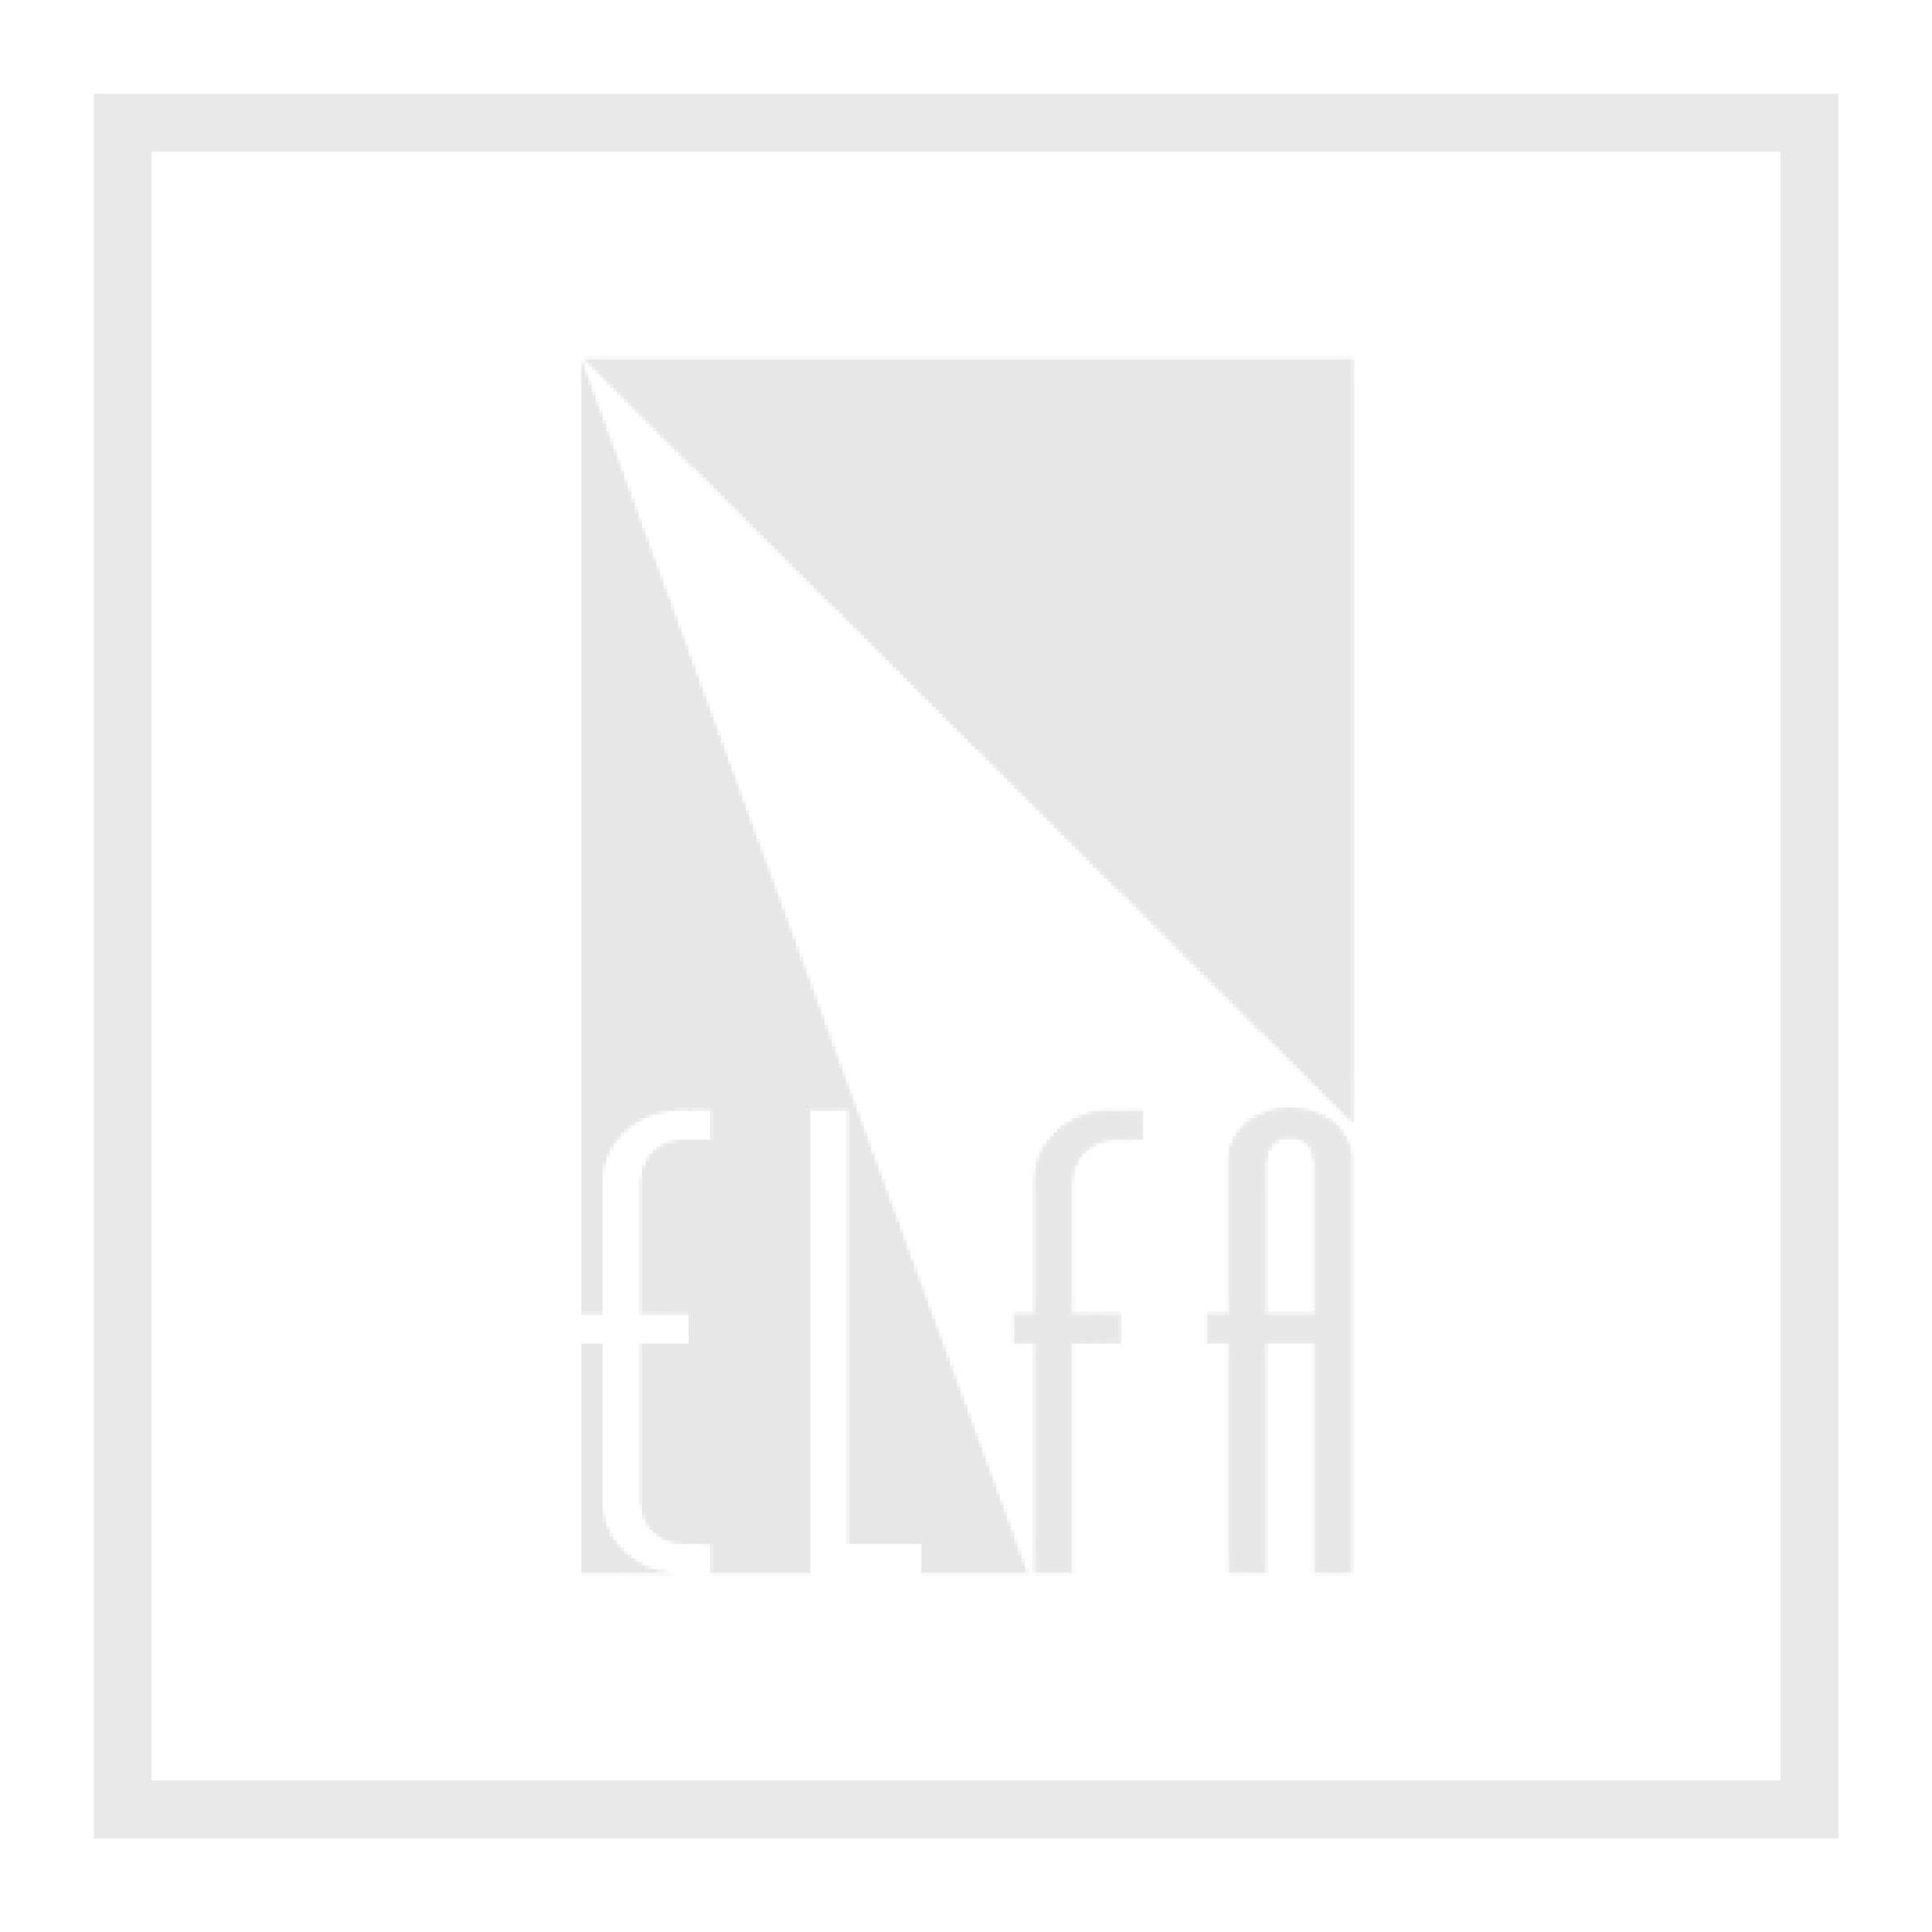 Duracell RCR Ultra NiMH batt AA 1,2V 2500mAh